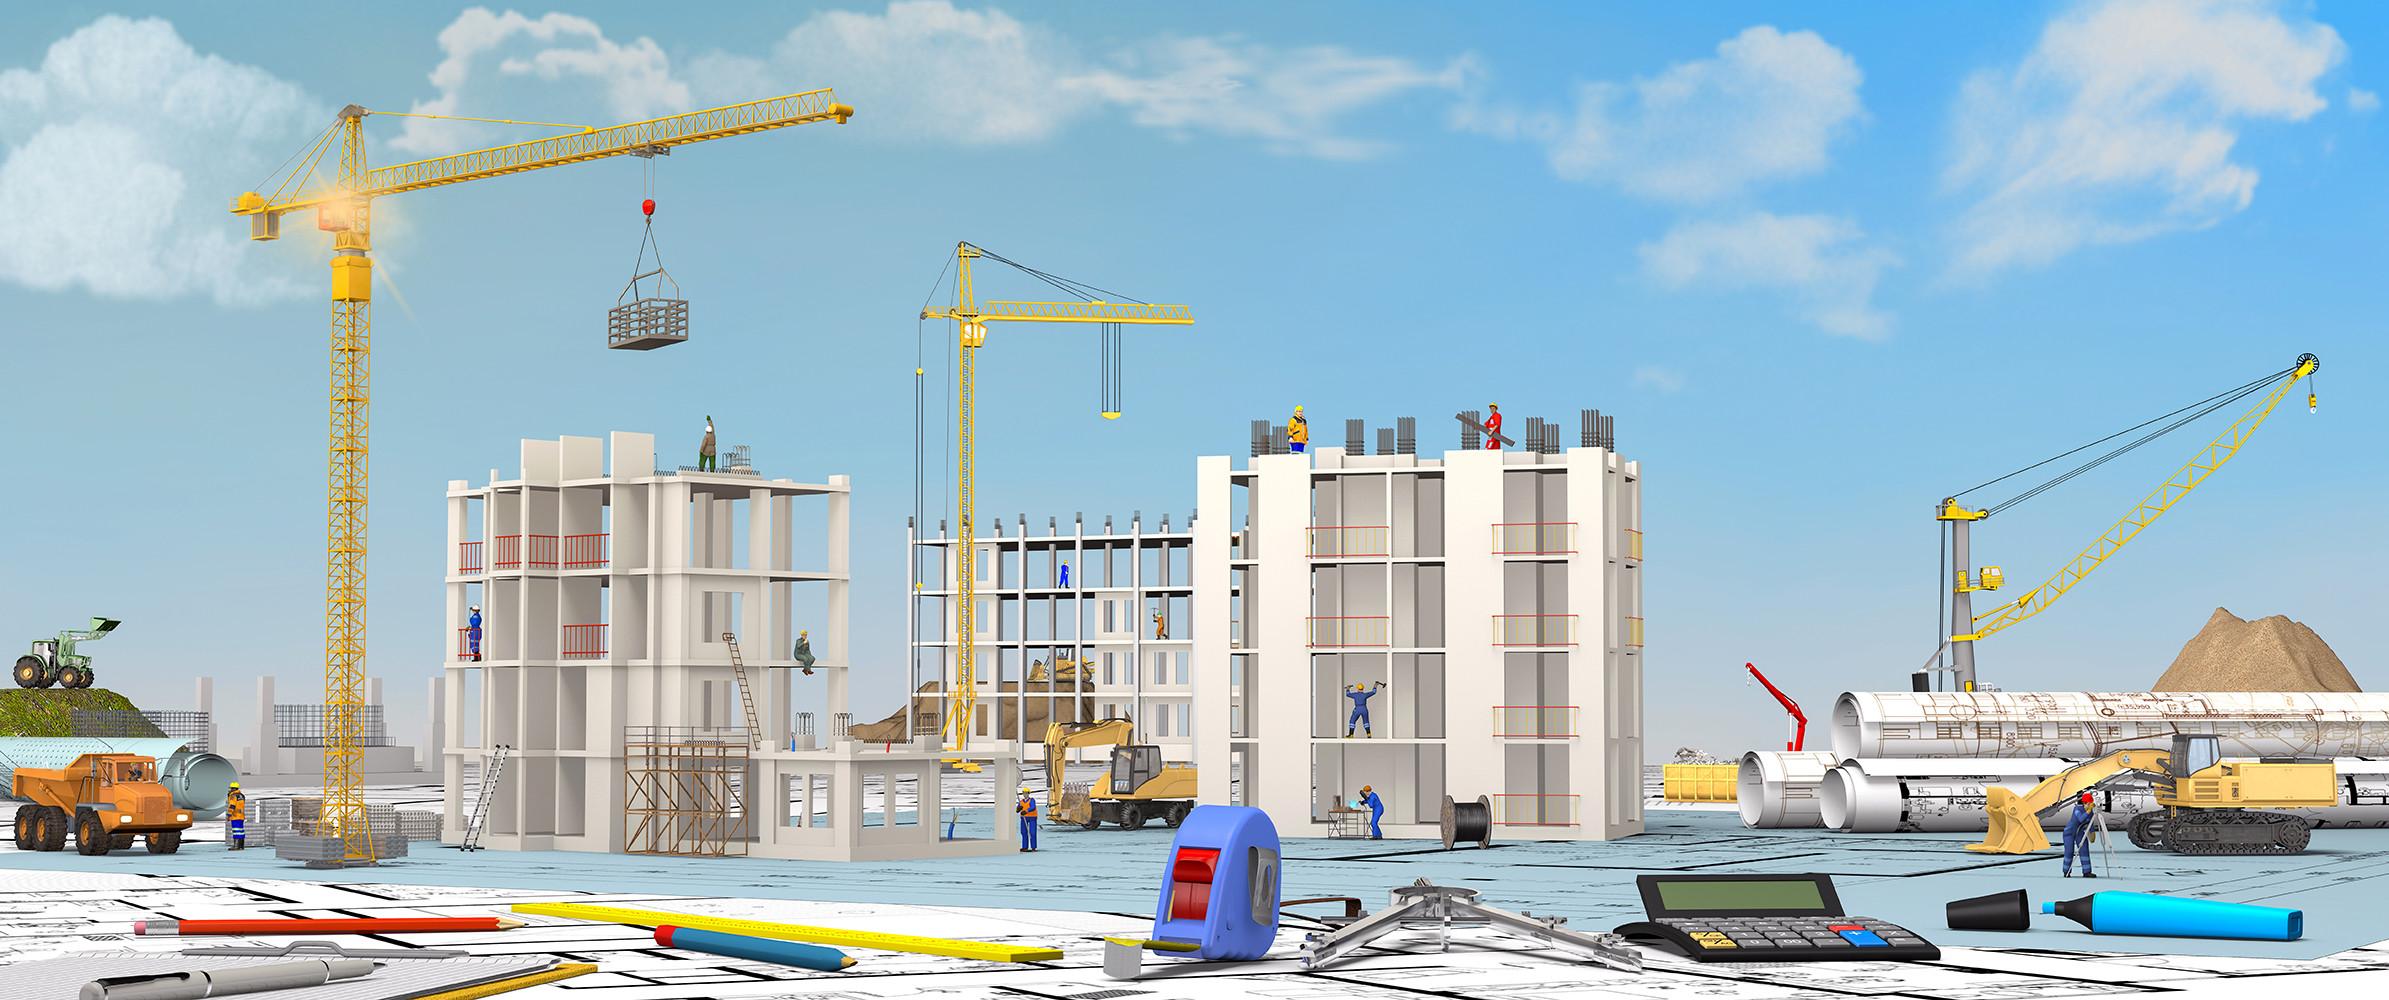 Panoramique_maquette_chantier_bâtiment_e